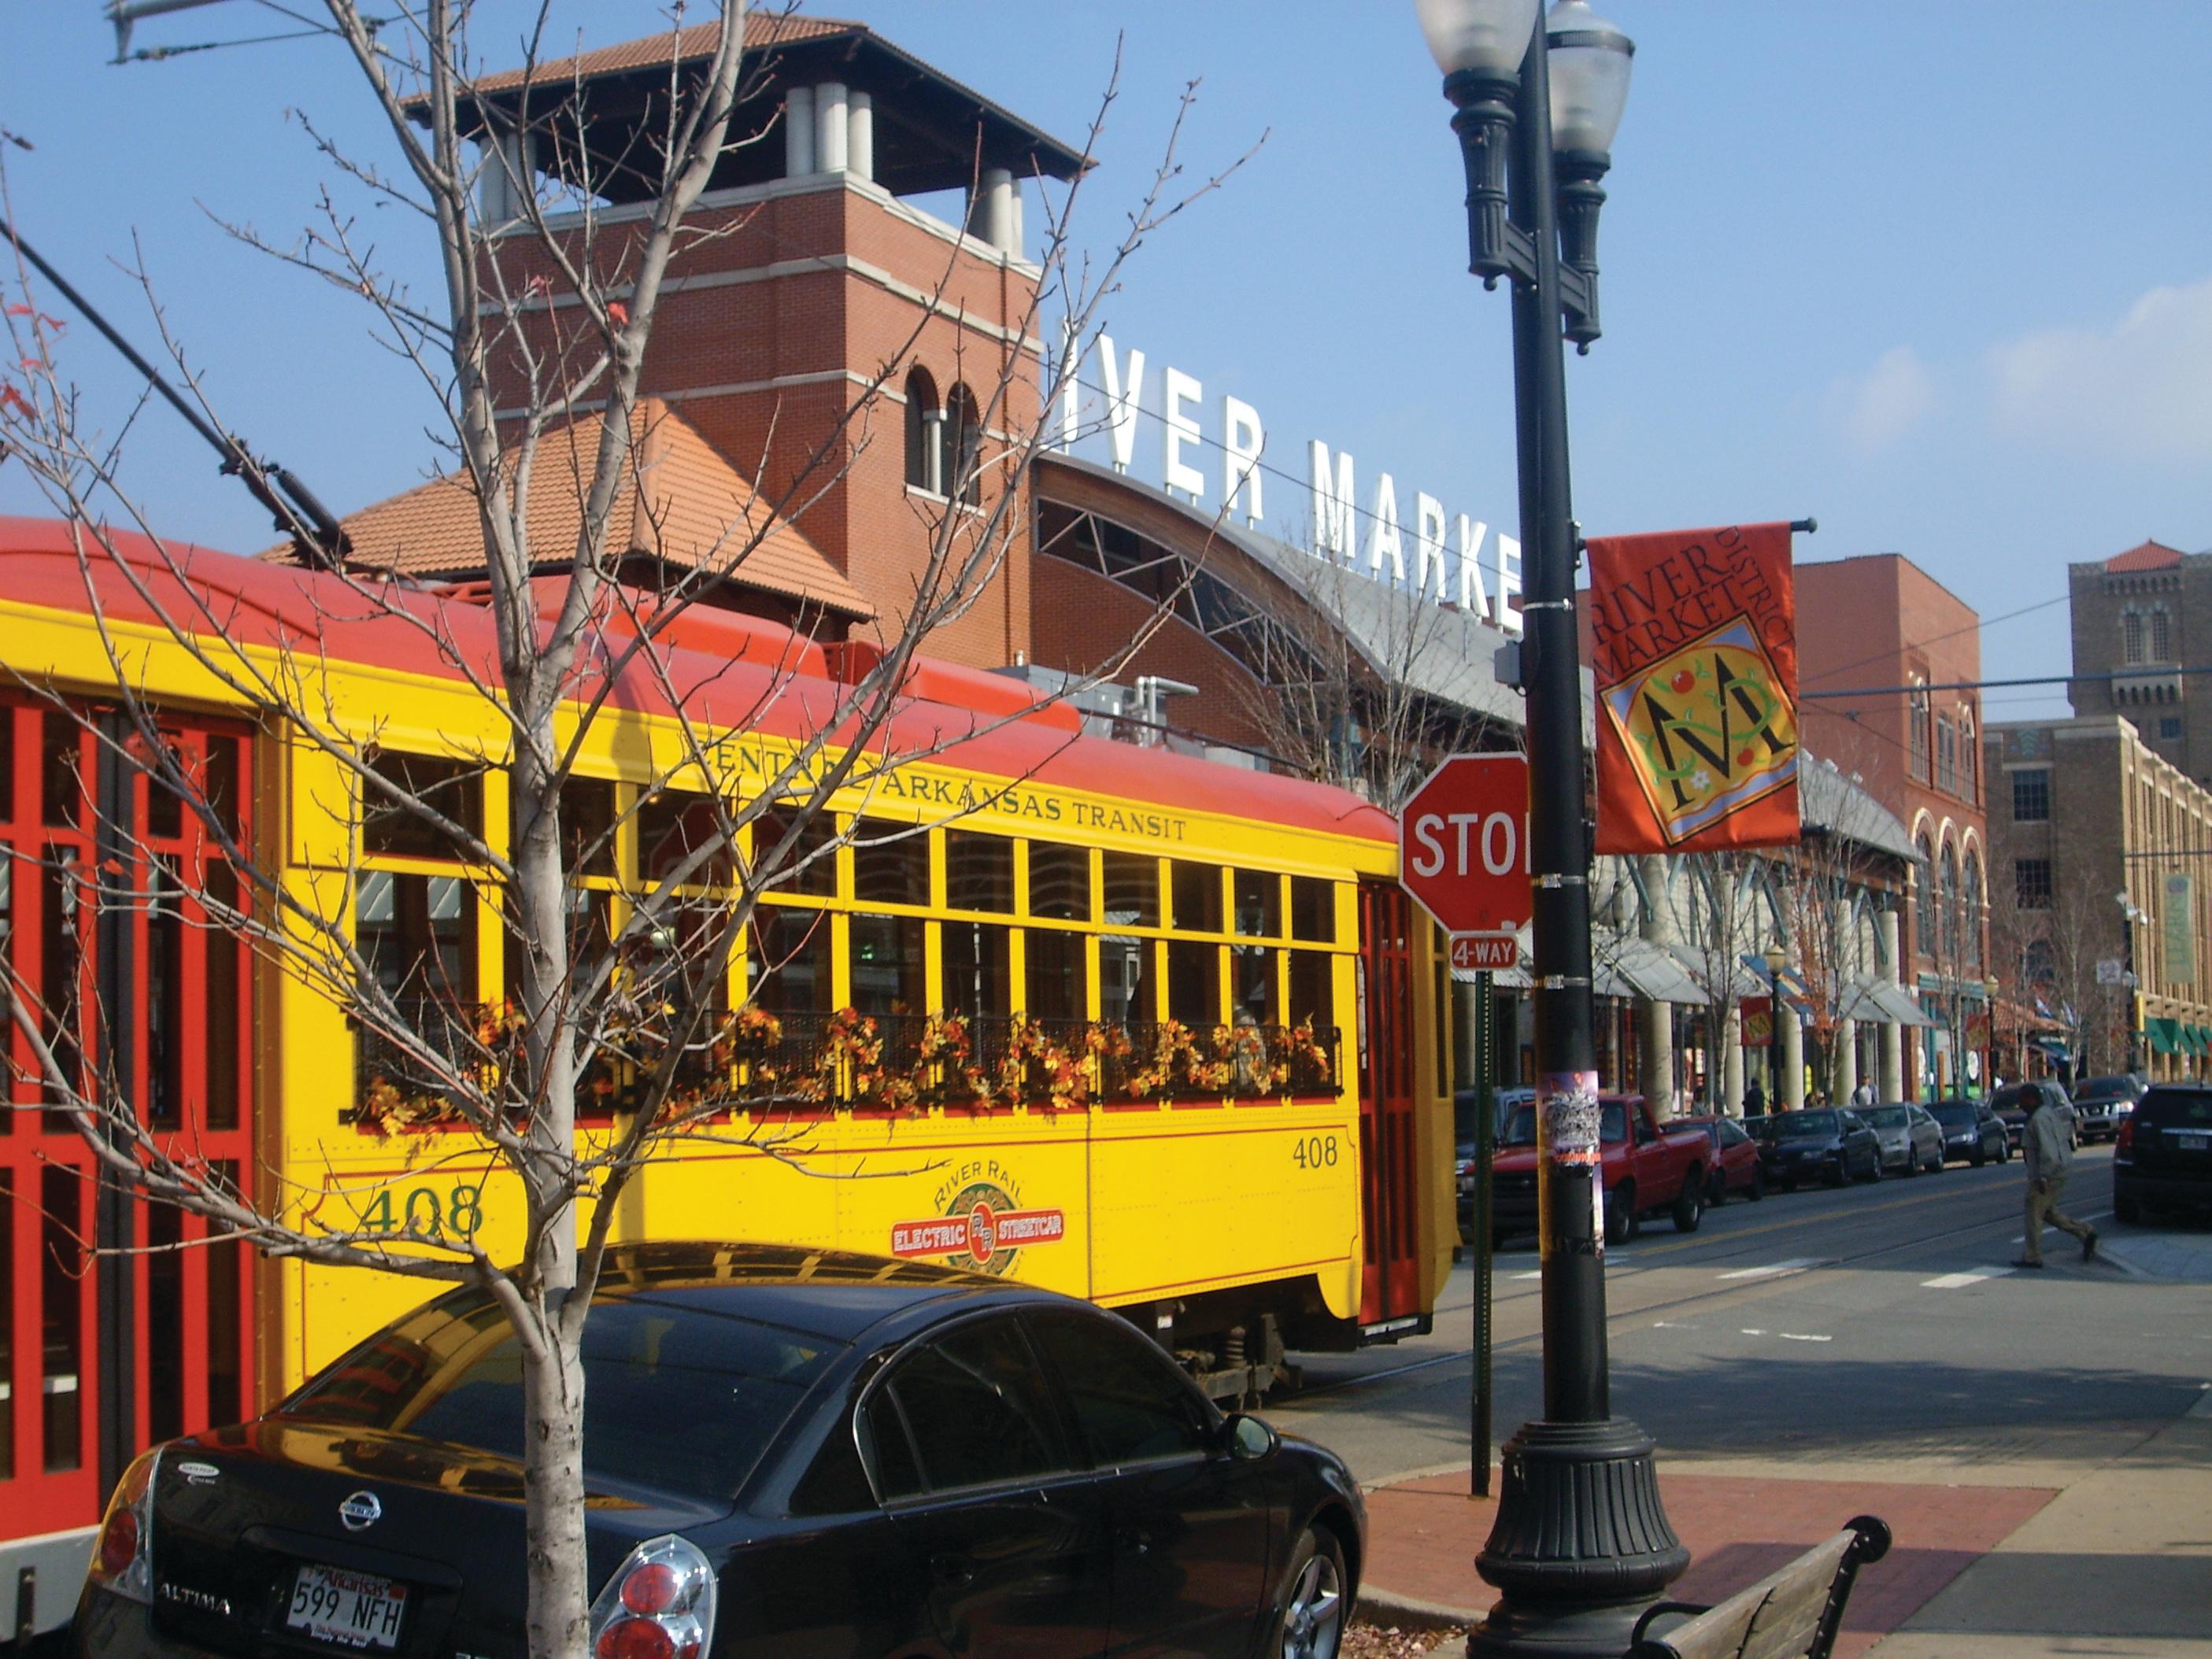 Little Rock Rivermarket